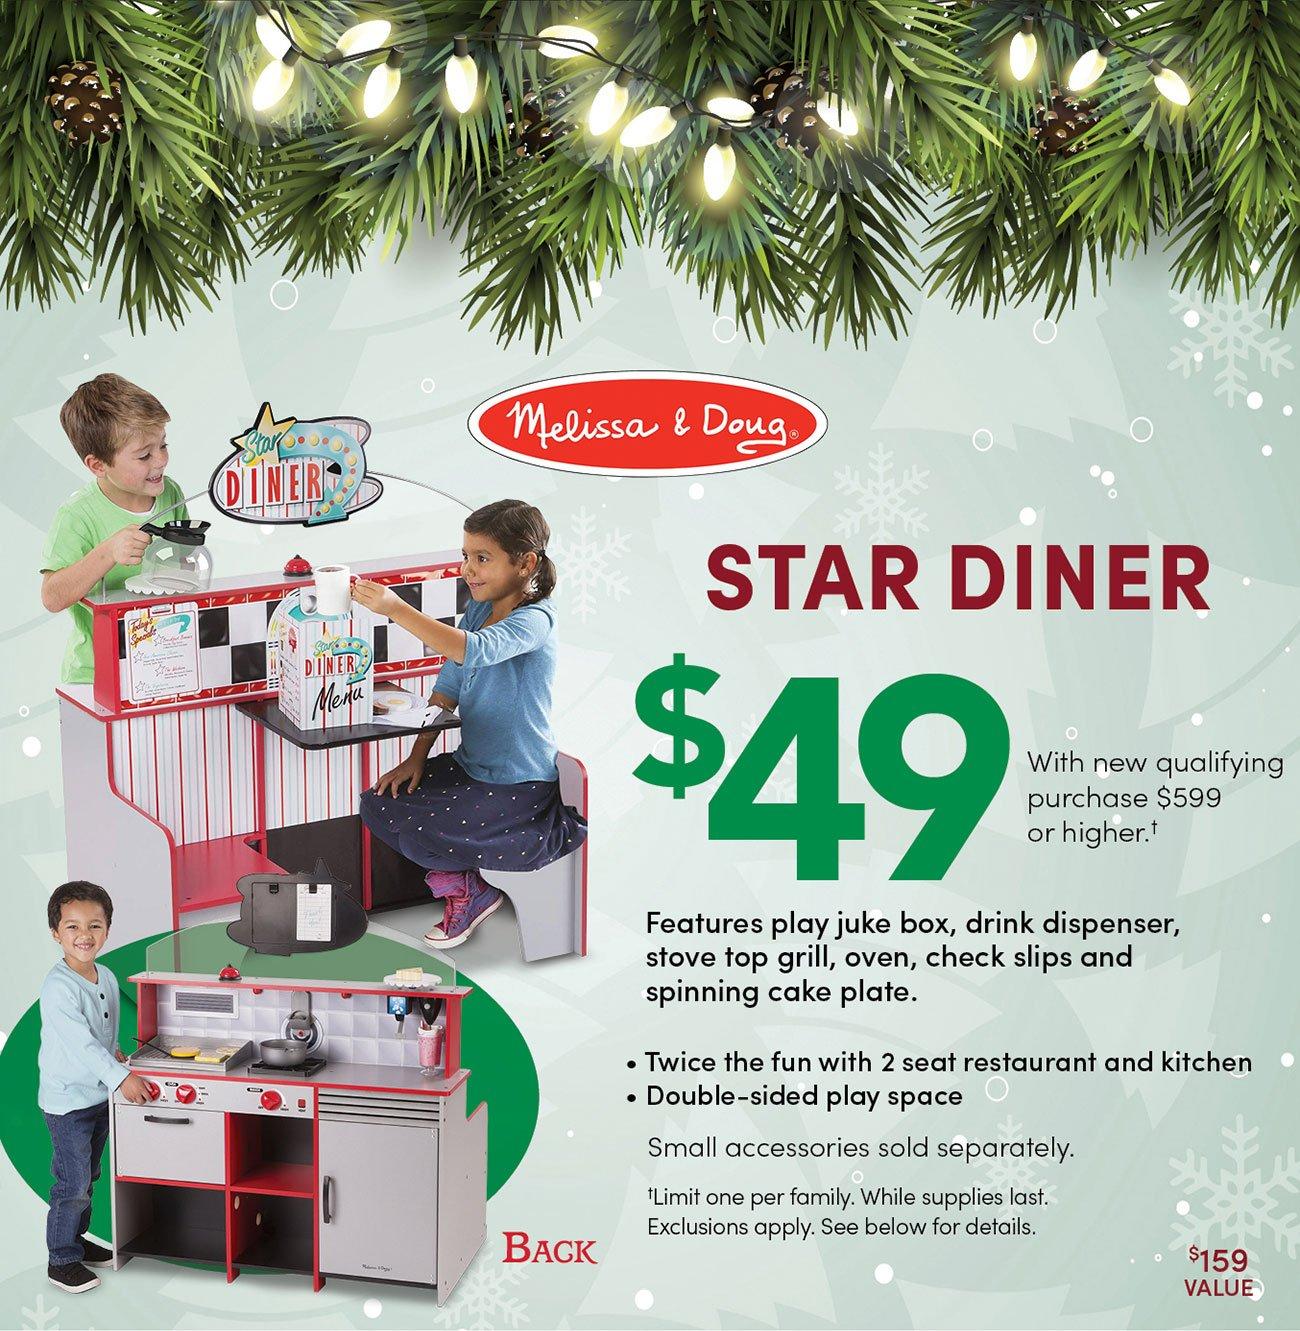 Star-Diner